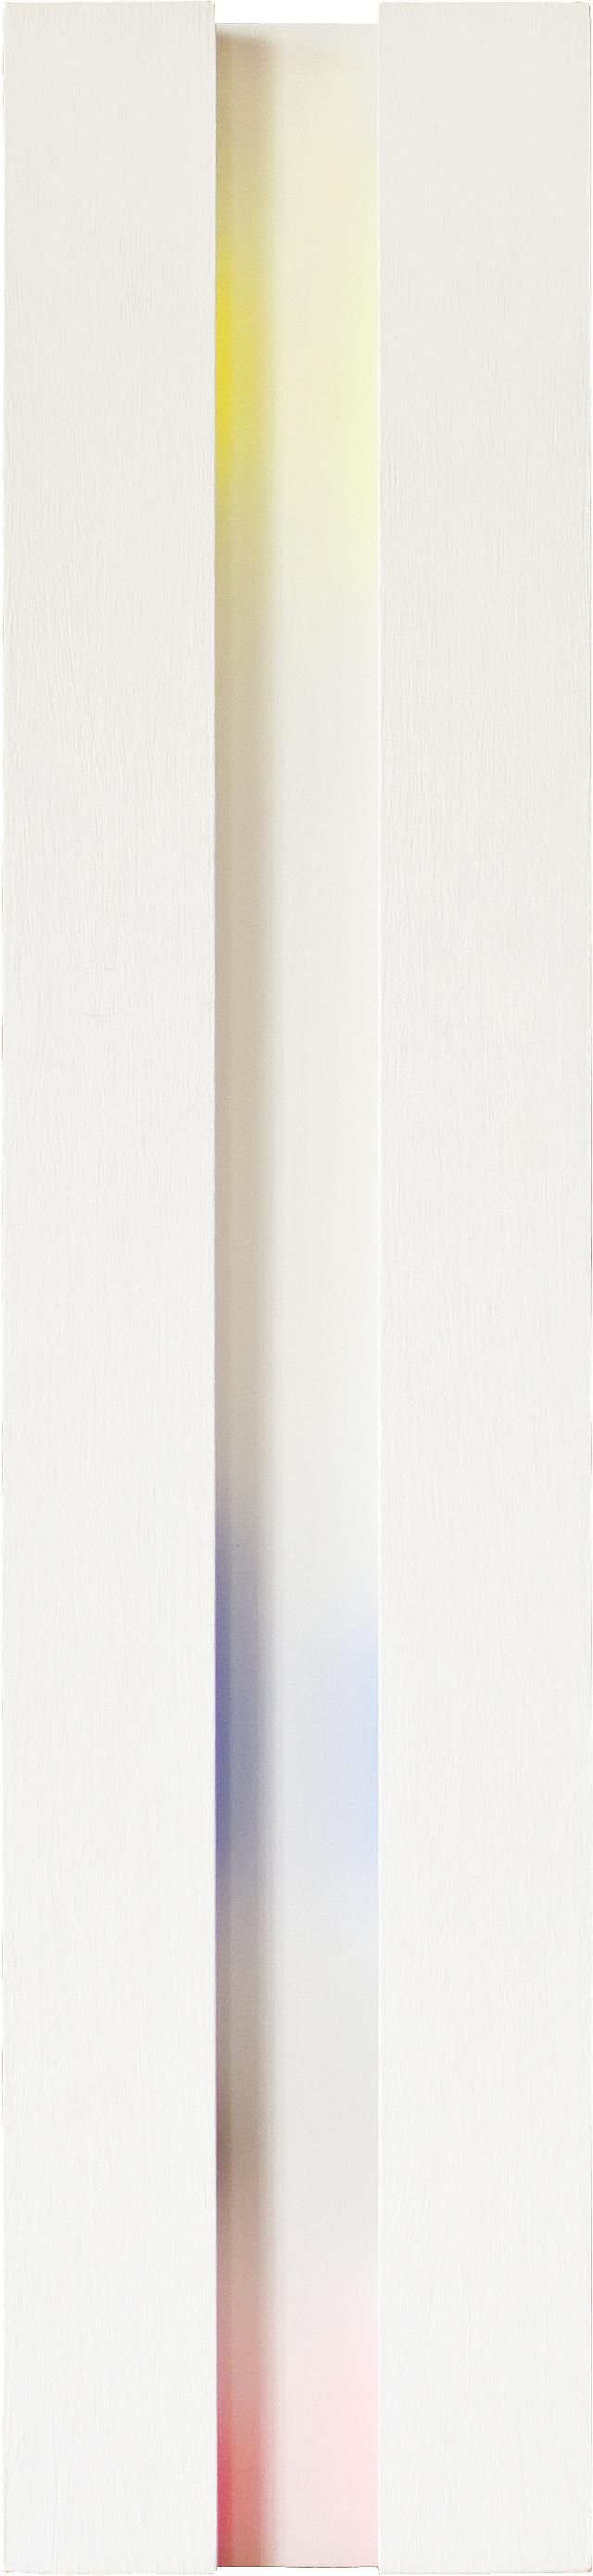 akril, les, 80 x 18 cm, 2006